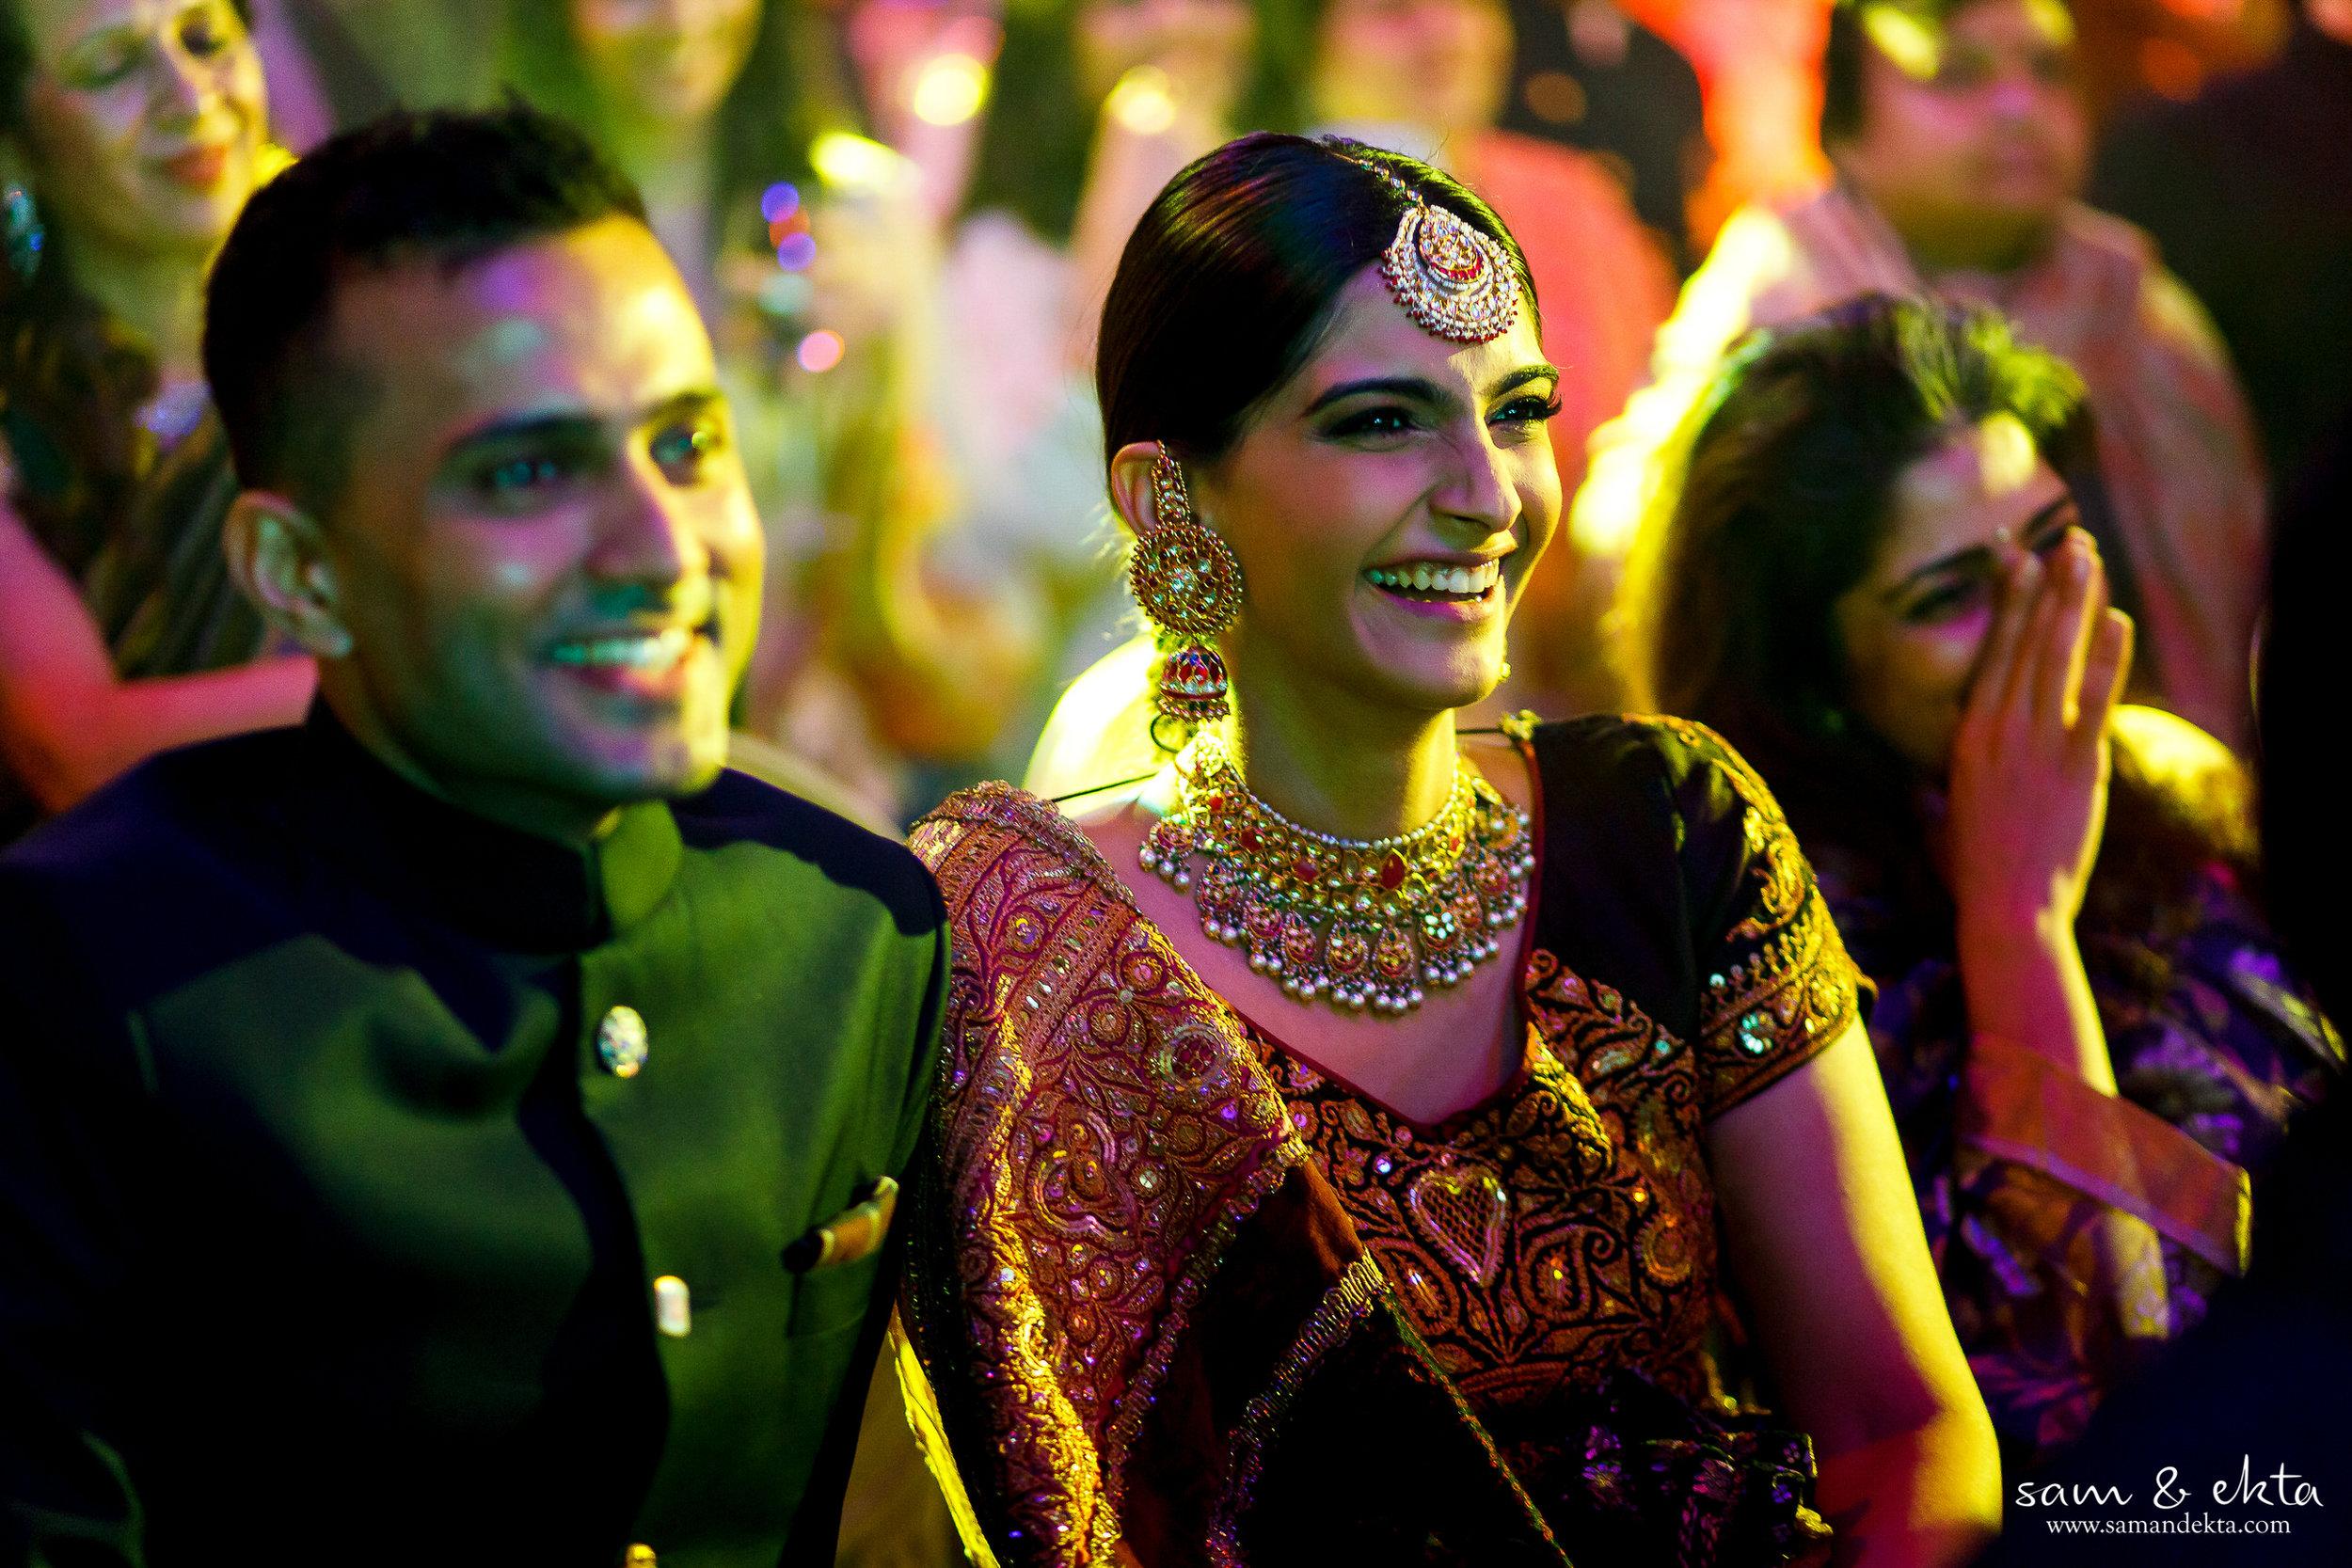 A&M_by Sam&Ekta_www.samandekta.com-30.jpg